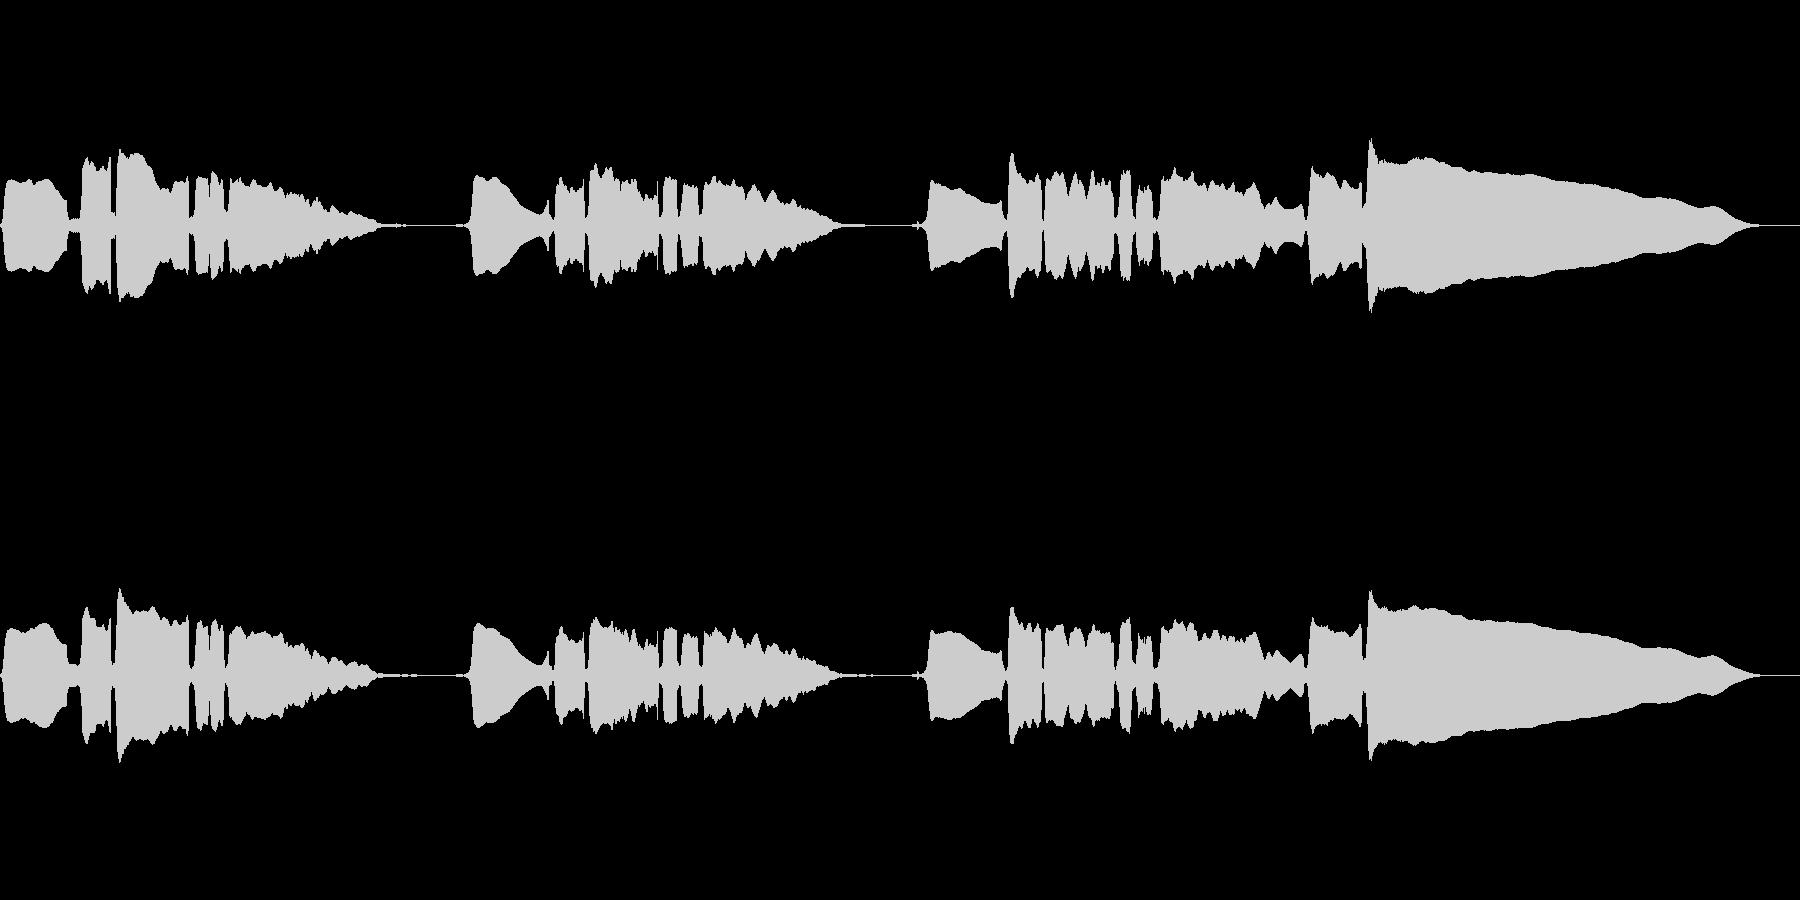 サックスのソロ演奏の未再生の波形